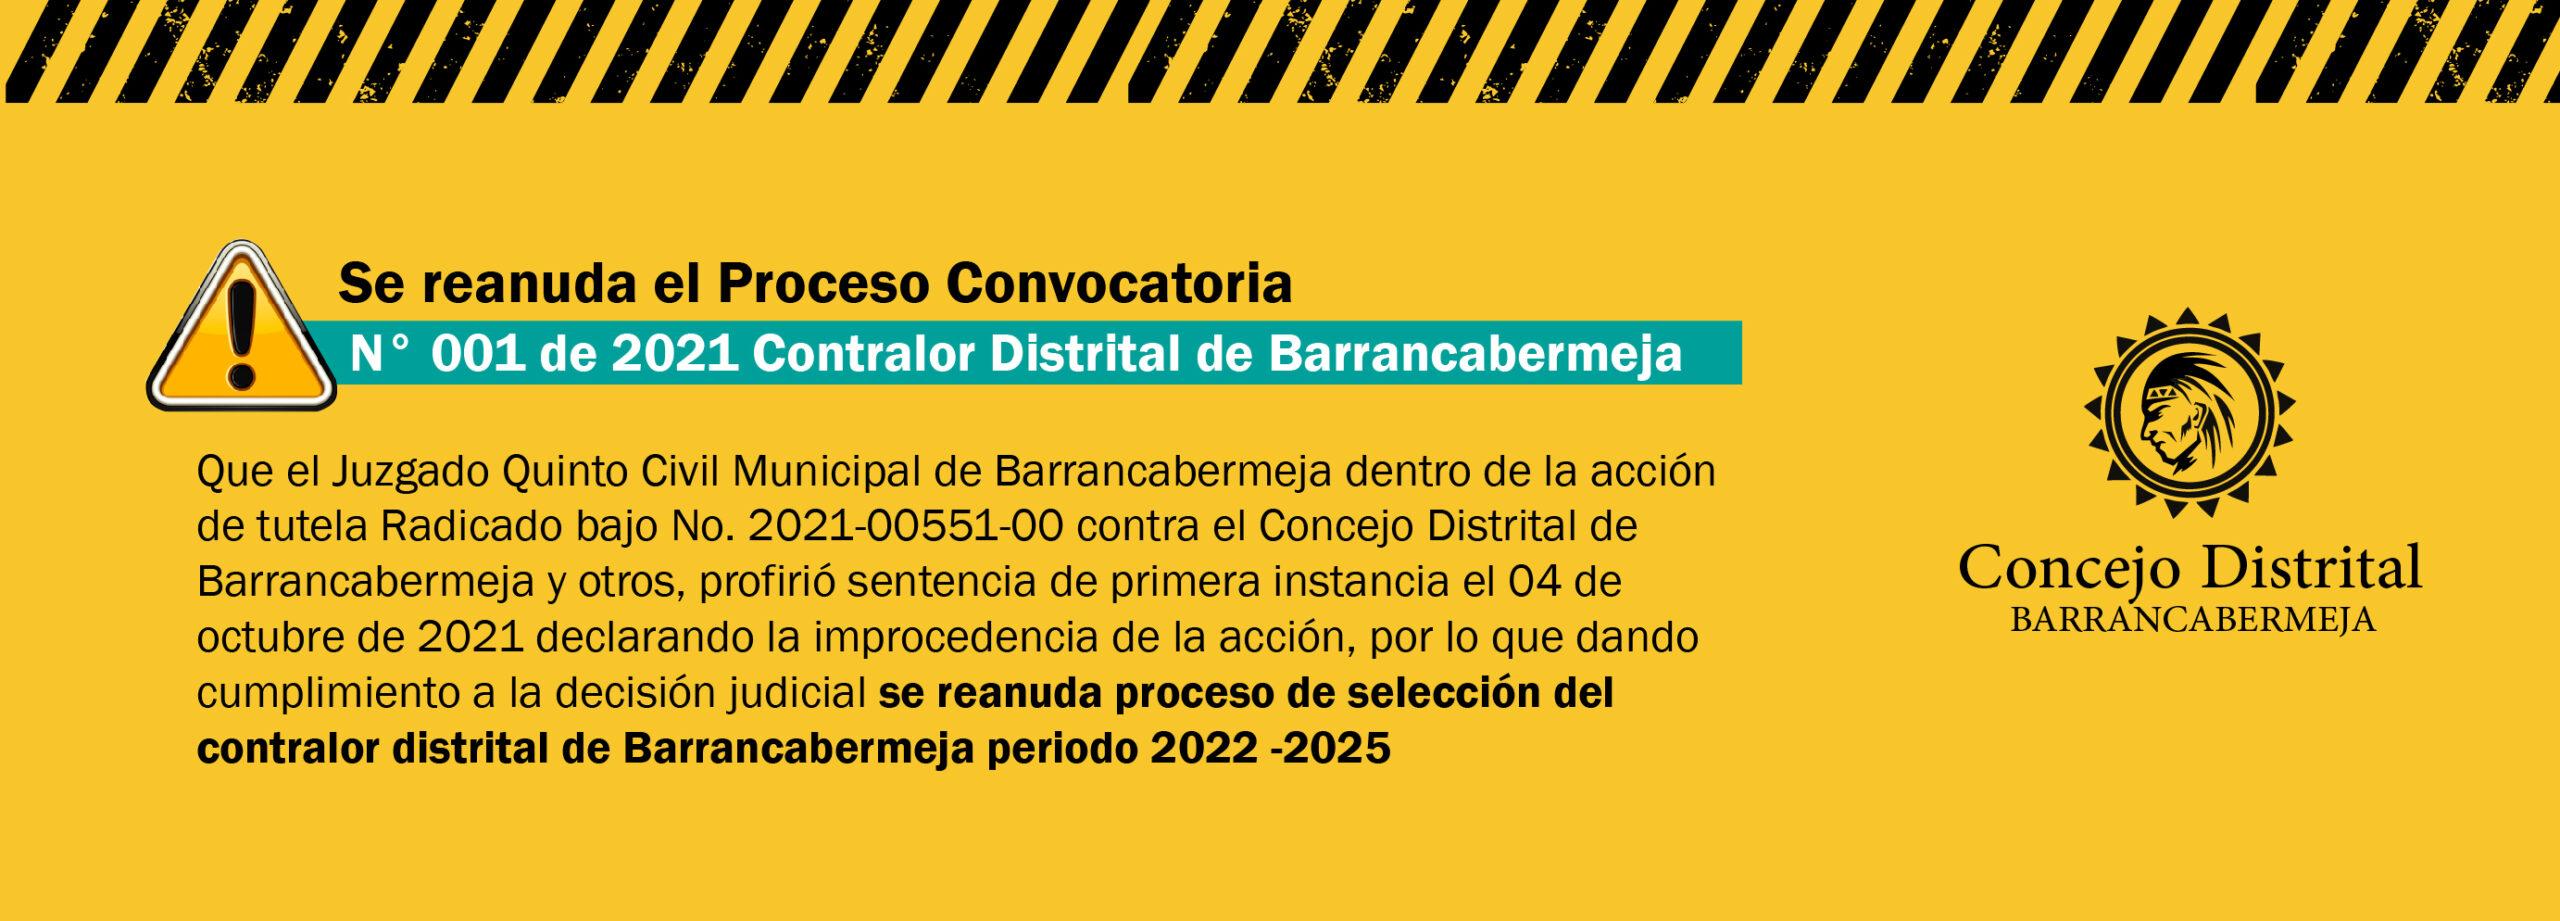 Convocatoria Contralor Barrancabermeja